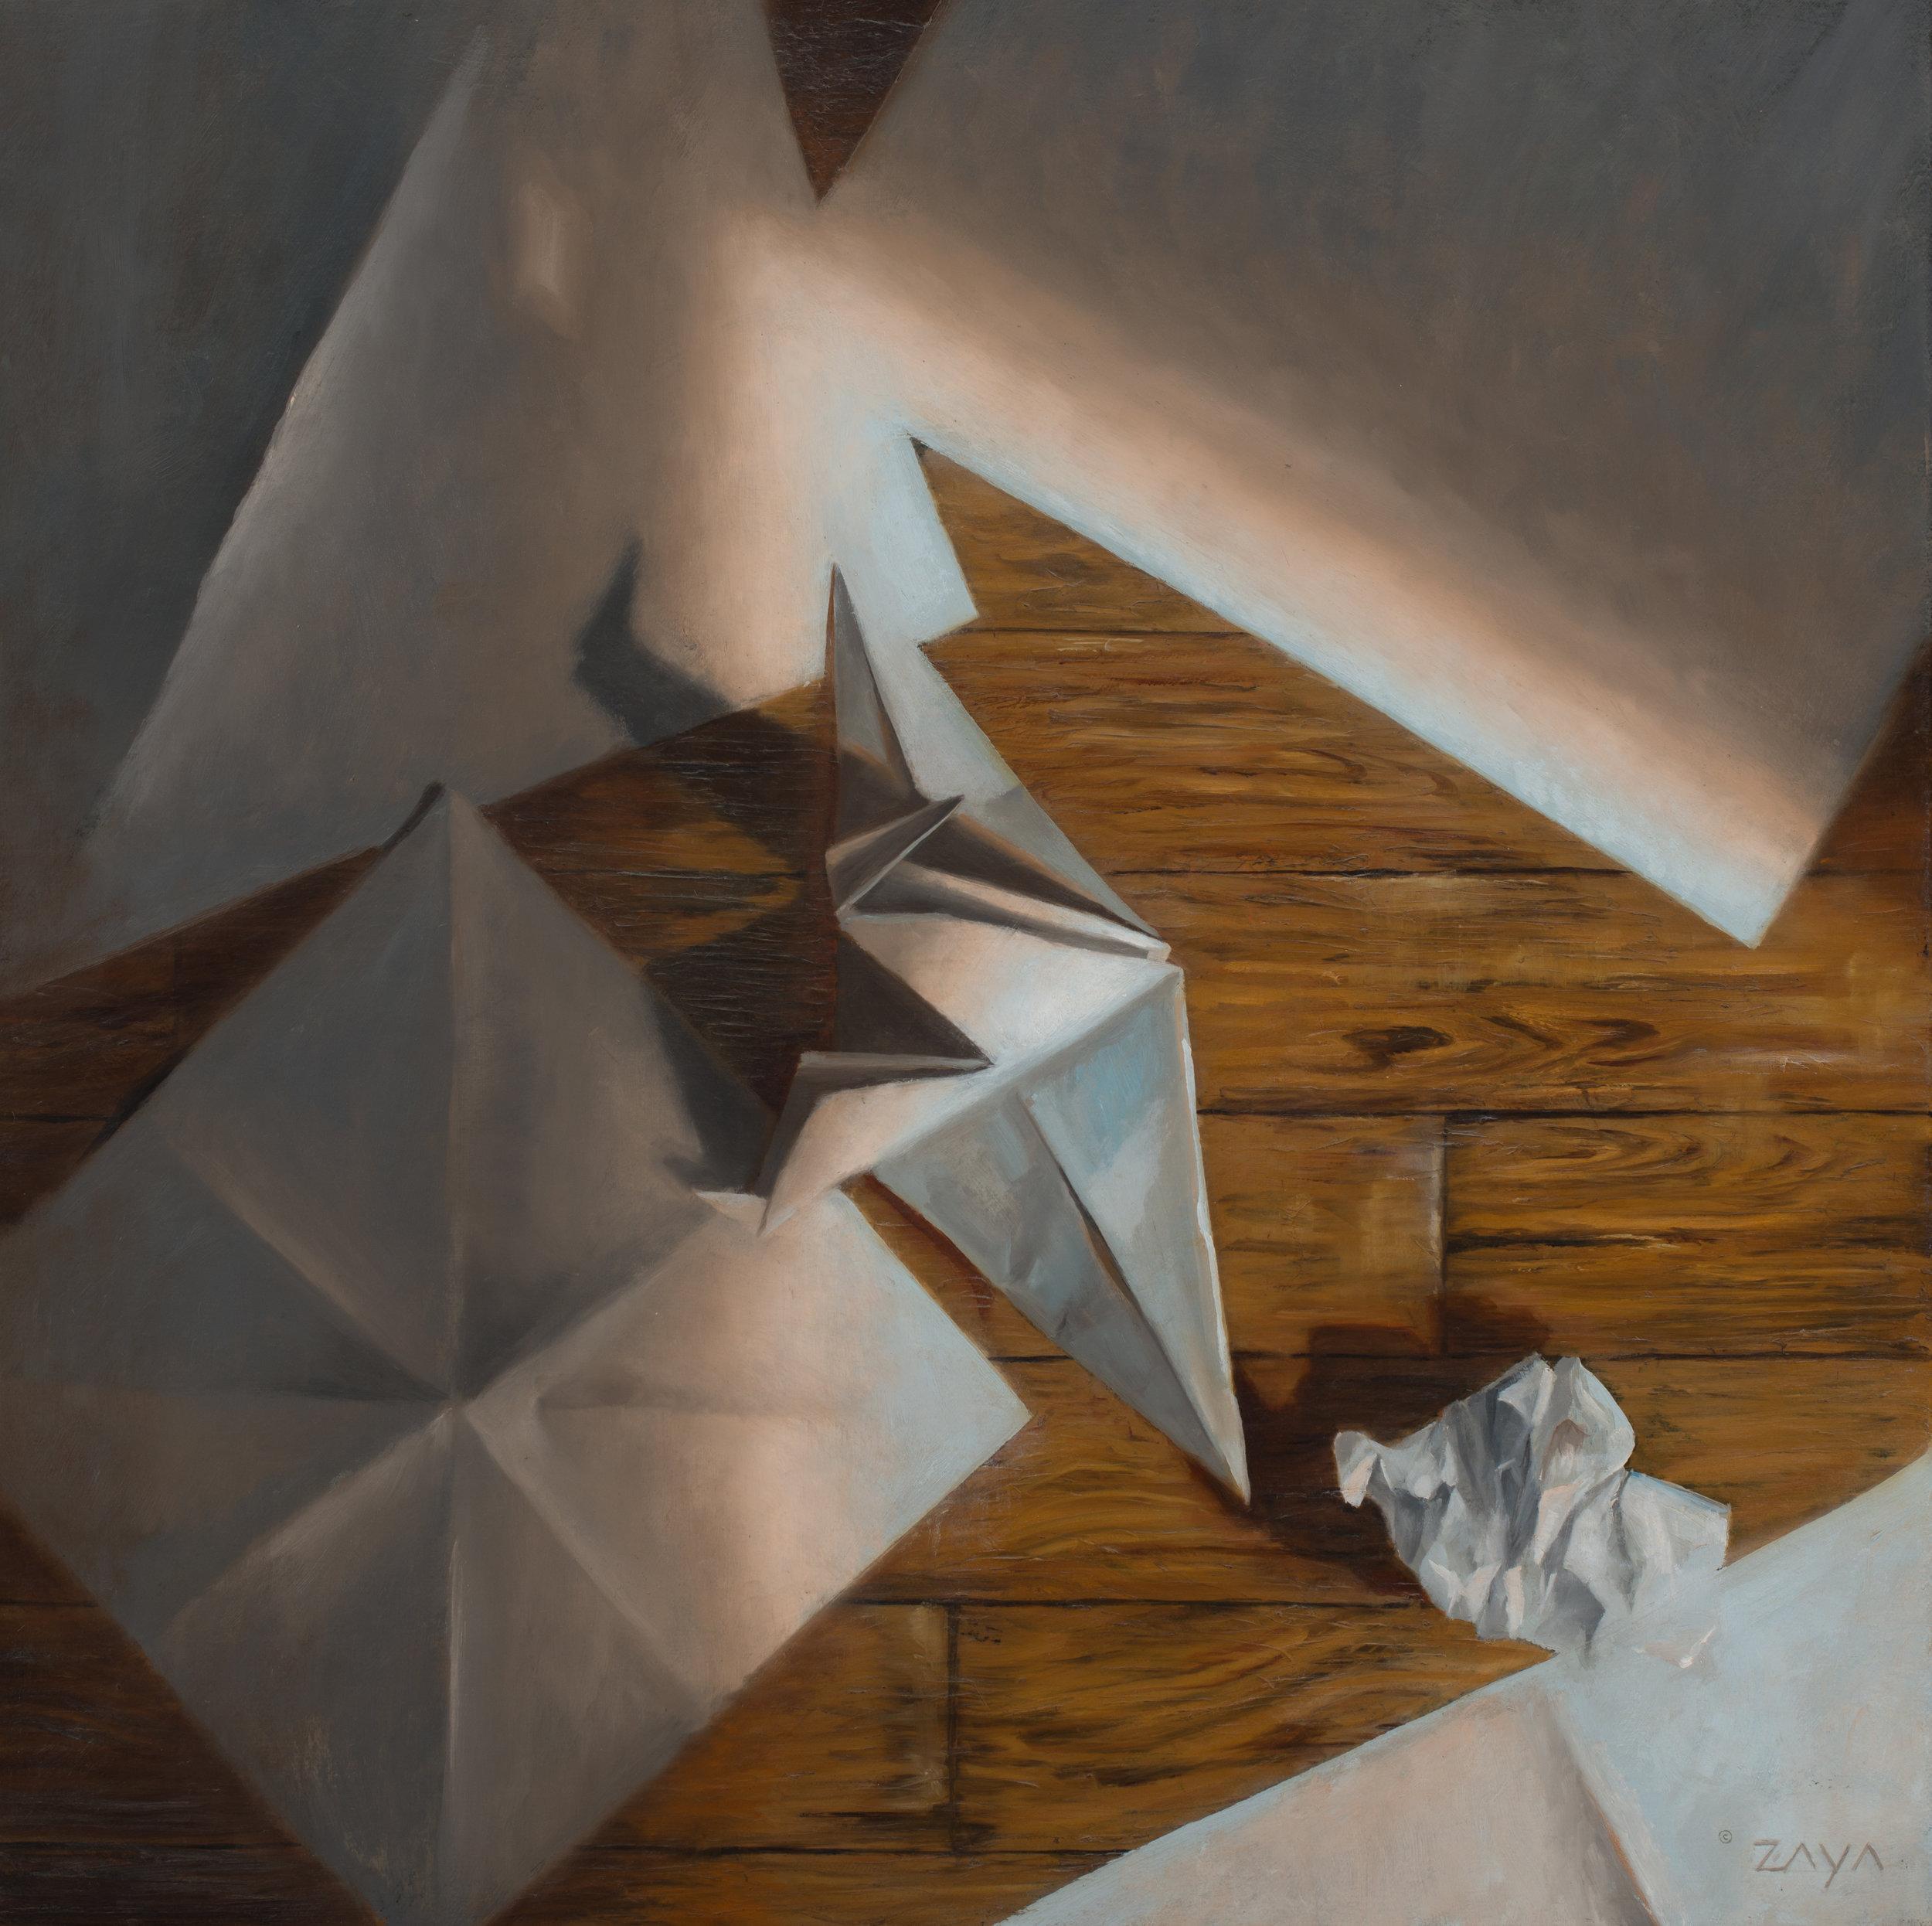 Paper Crane in Morning Light